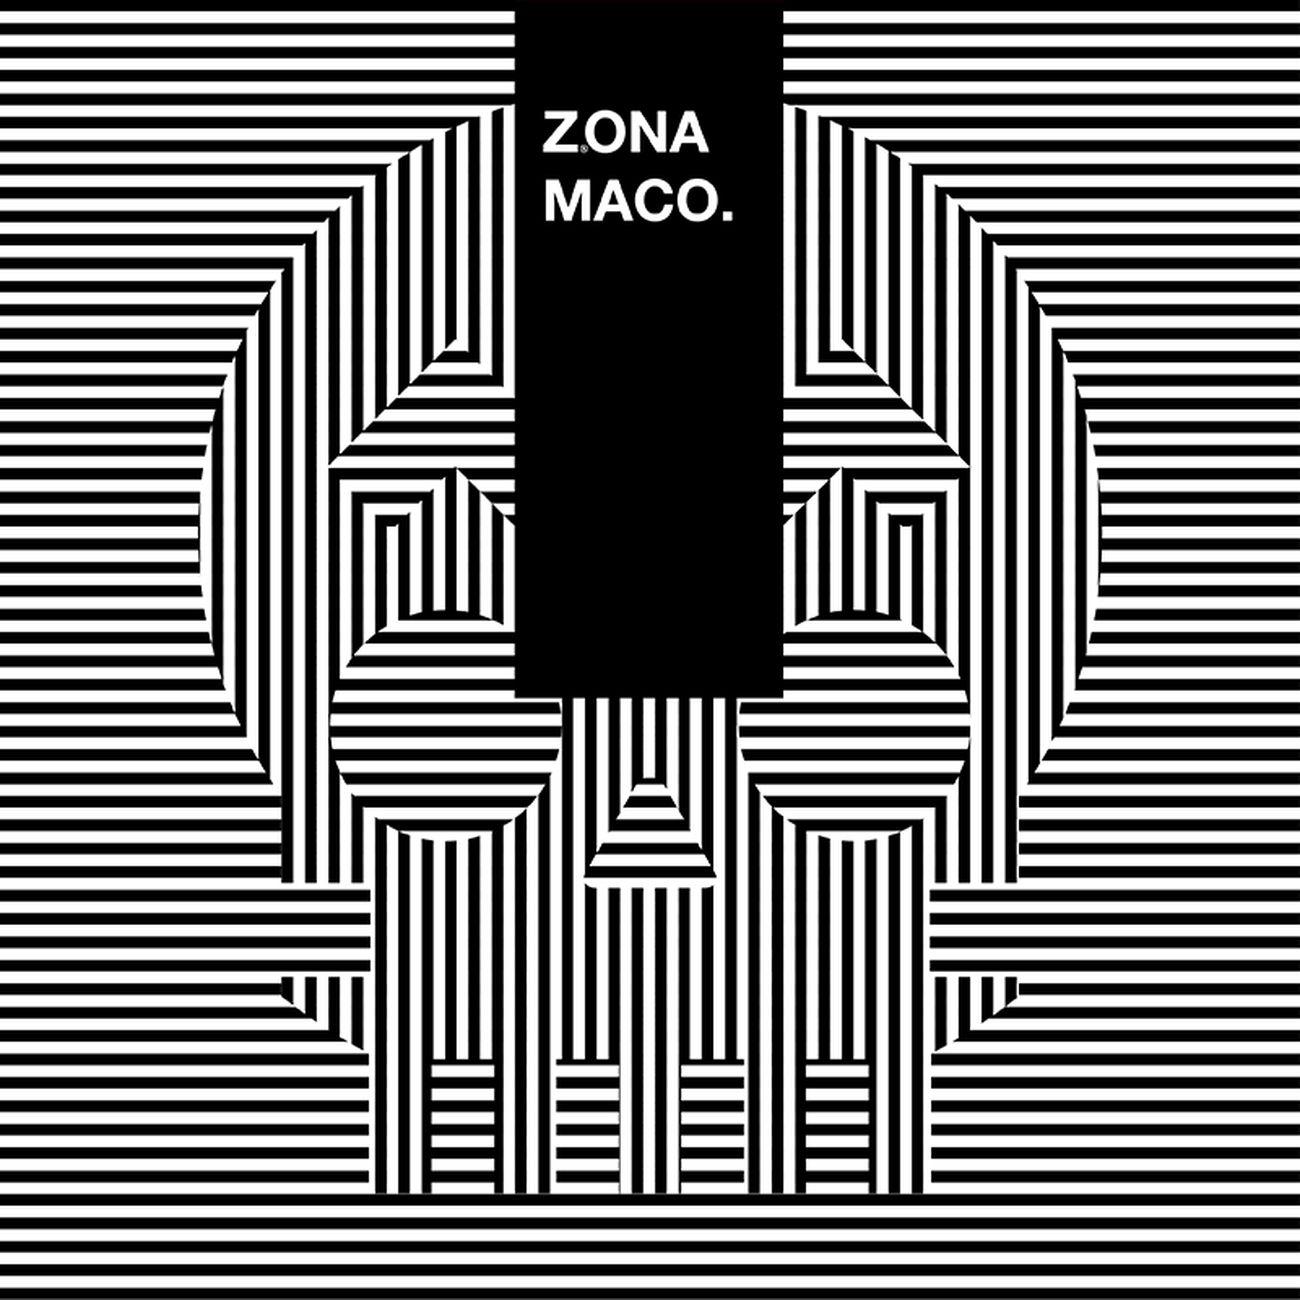 La grafica optical della fiera ZONAMACO a Città del Messico